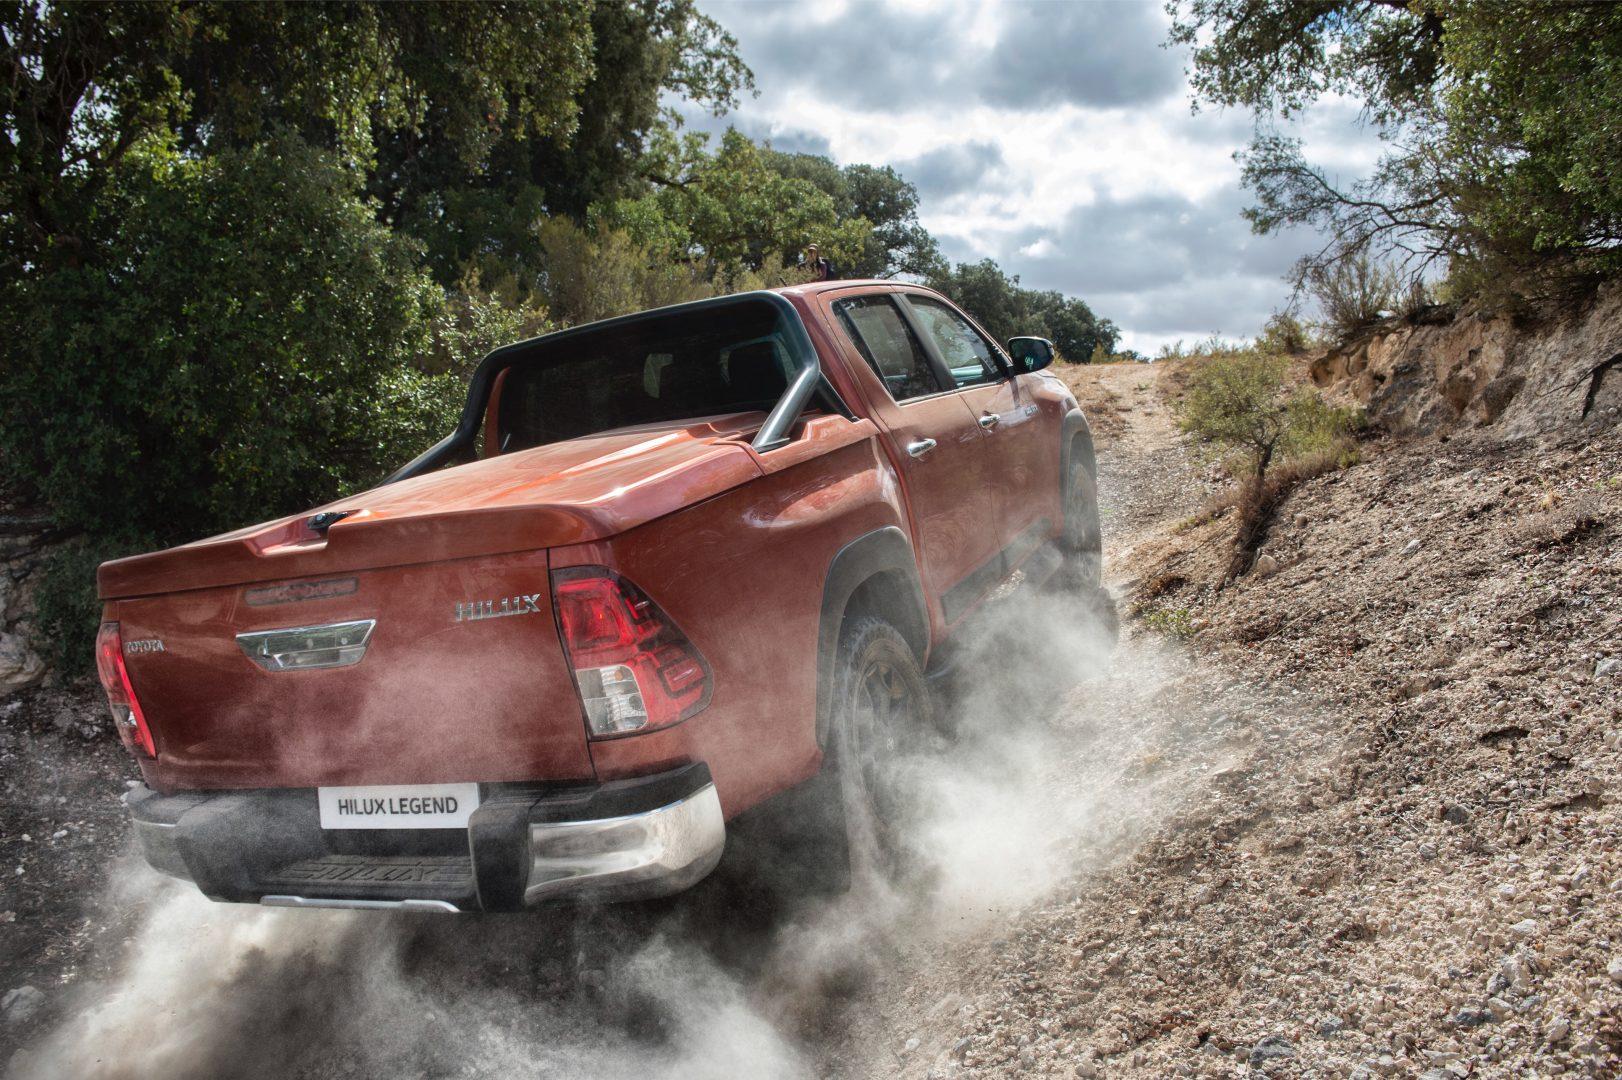 89348168 8628 4700 A2C6 363FDEE38D16 - Toyota Hilux Legend Raider: solo 15 unidades para España